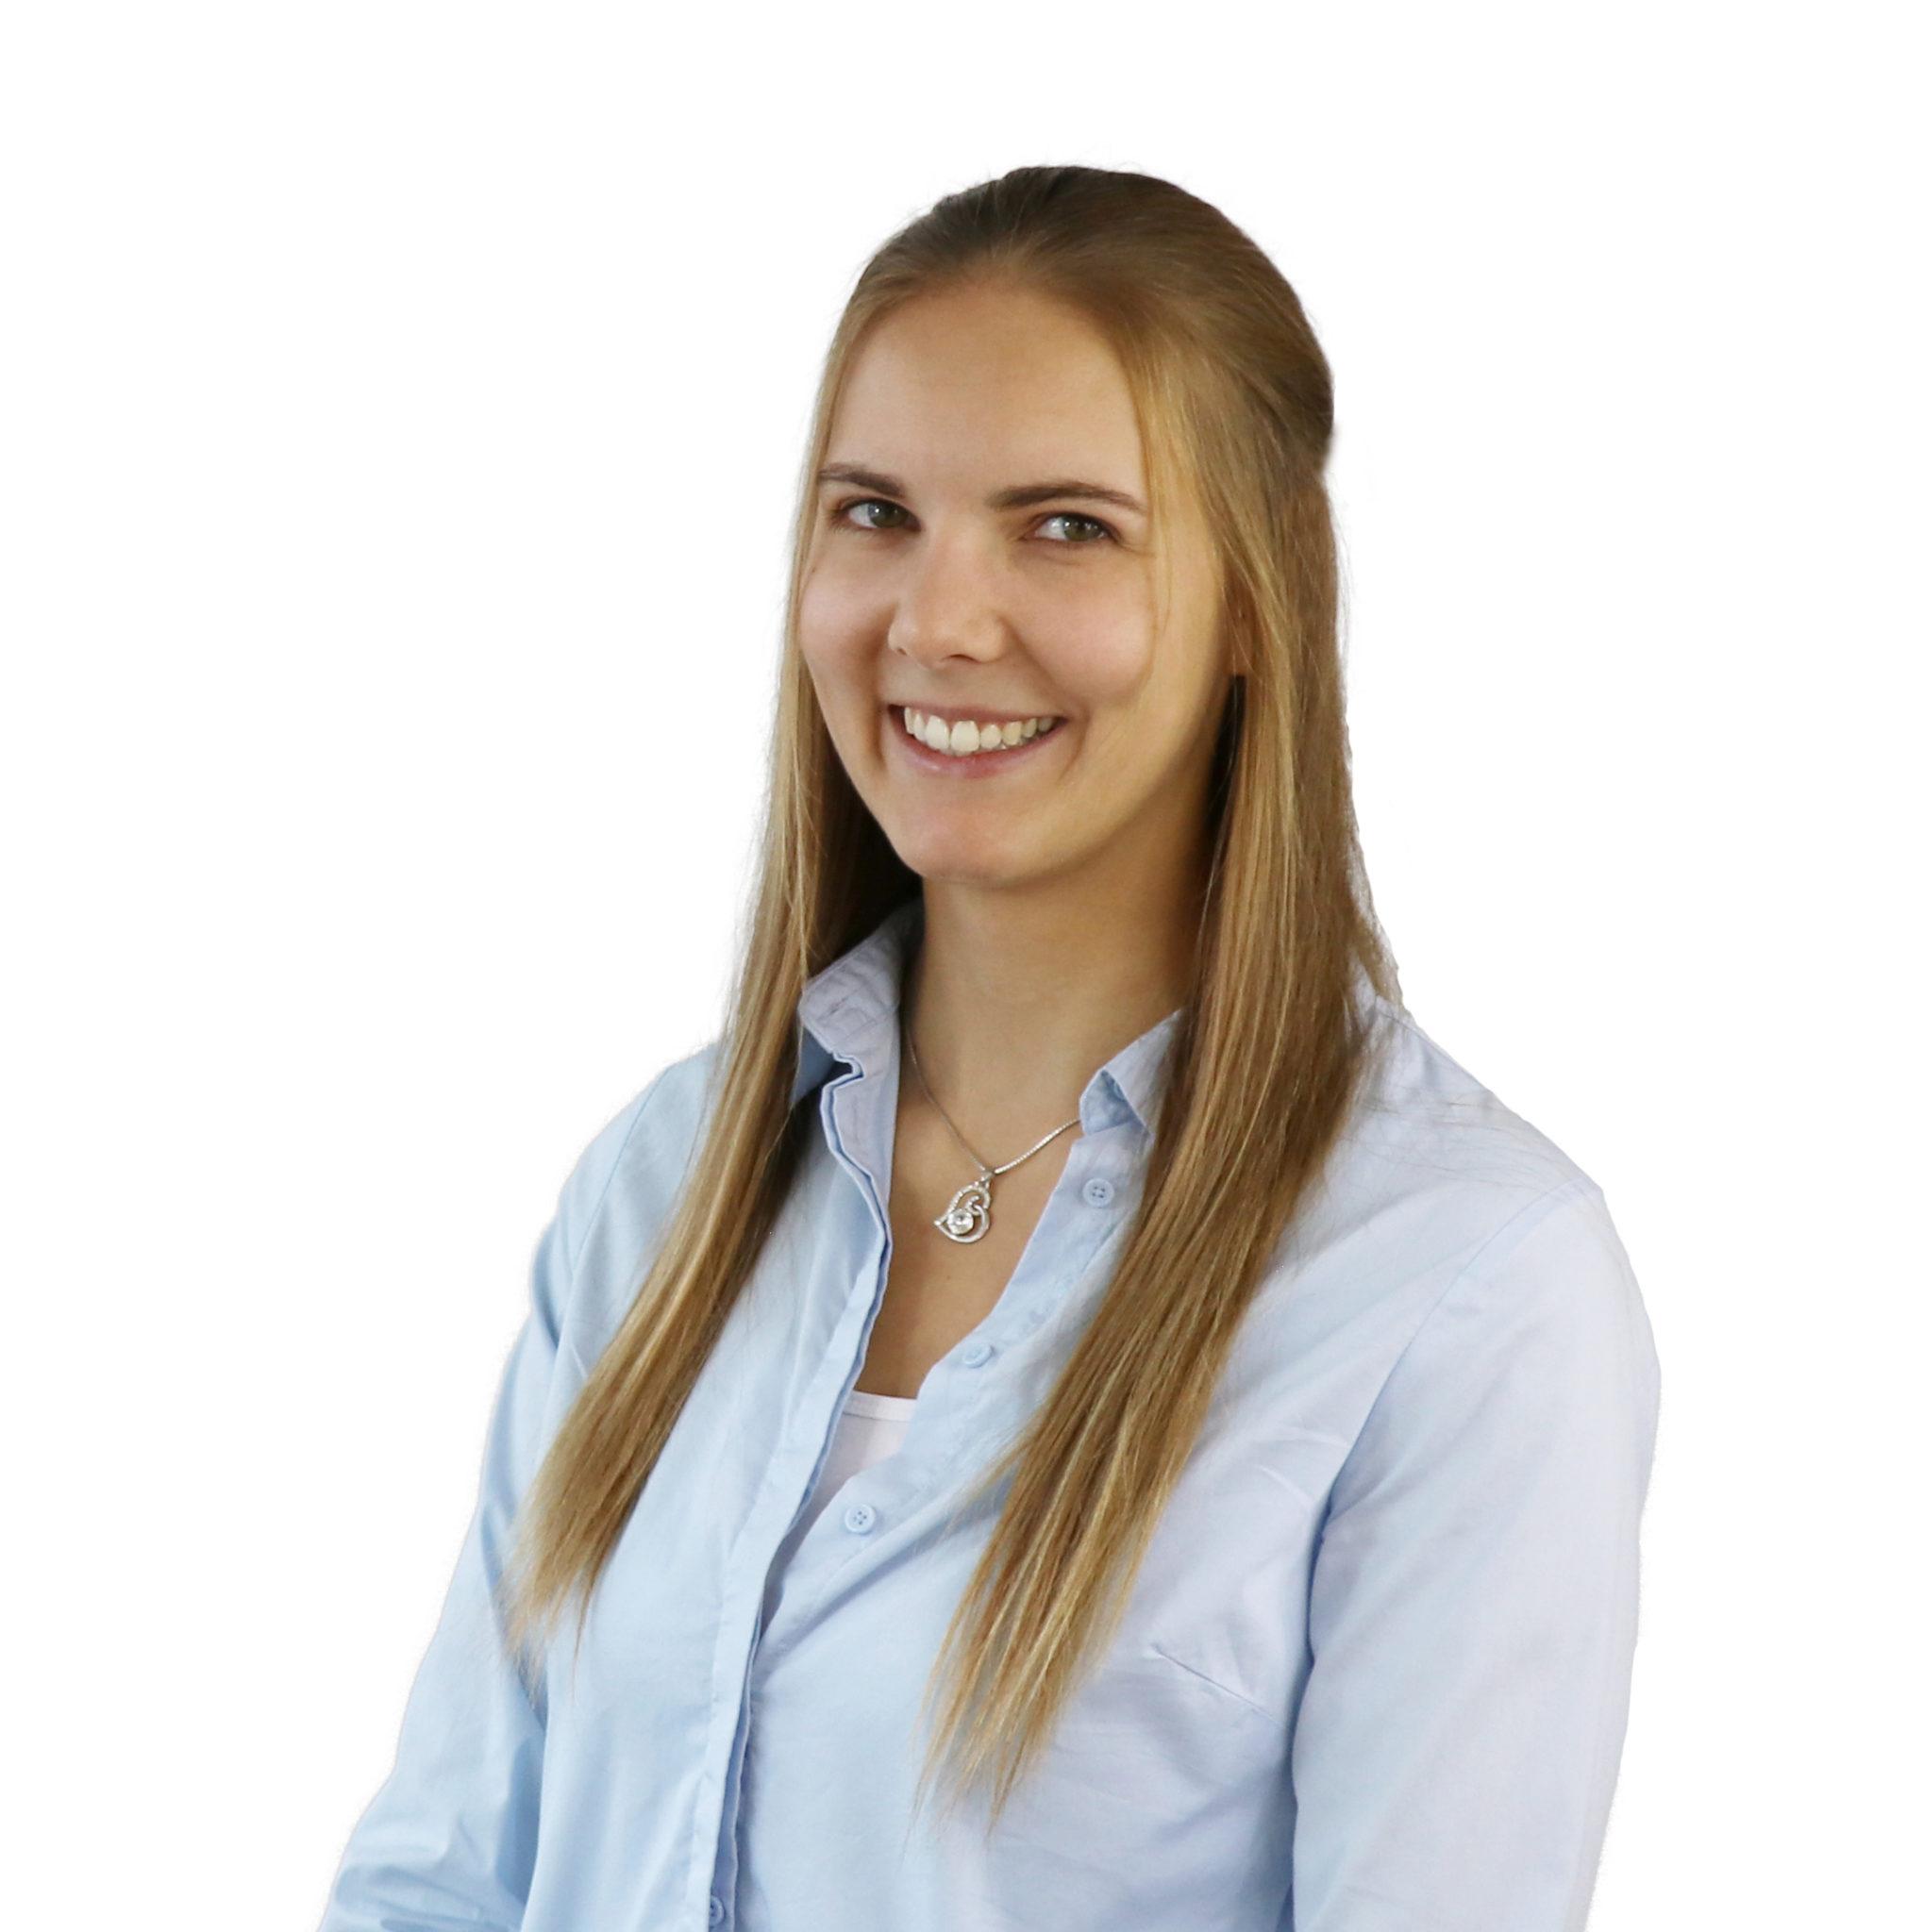 Nadin Birchler